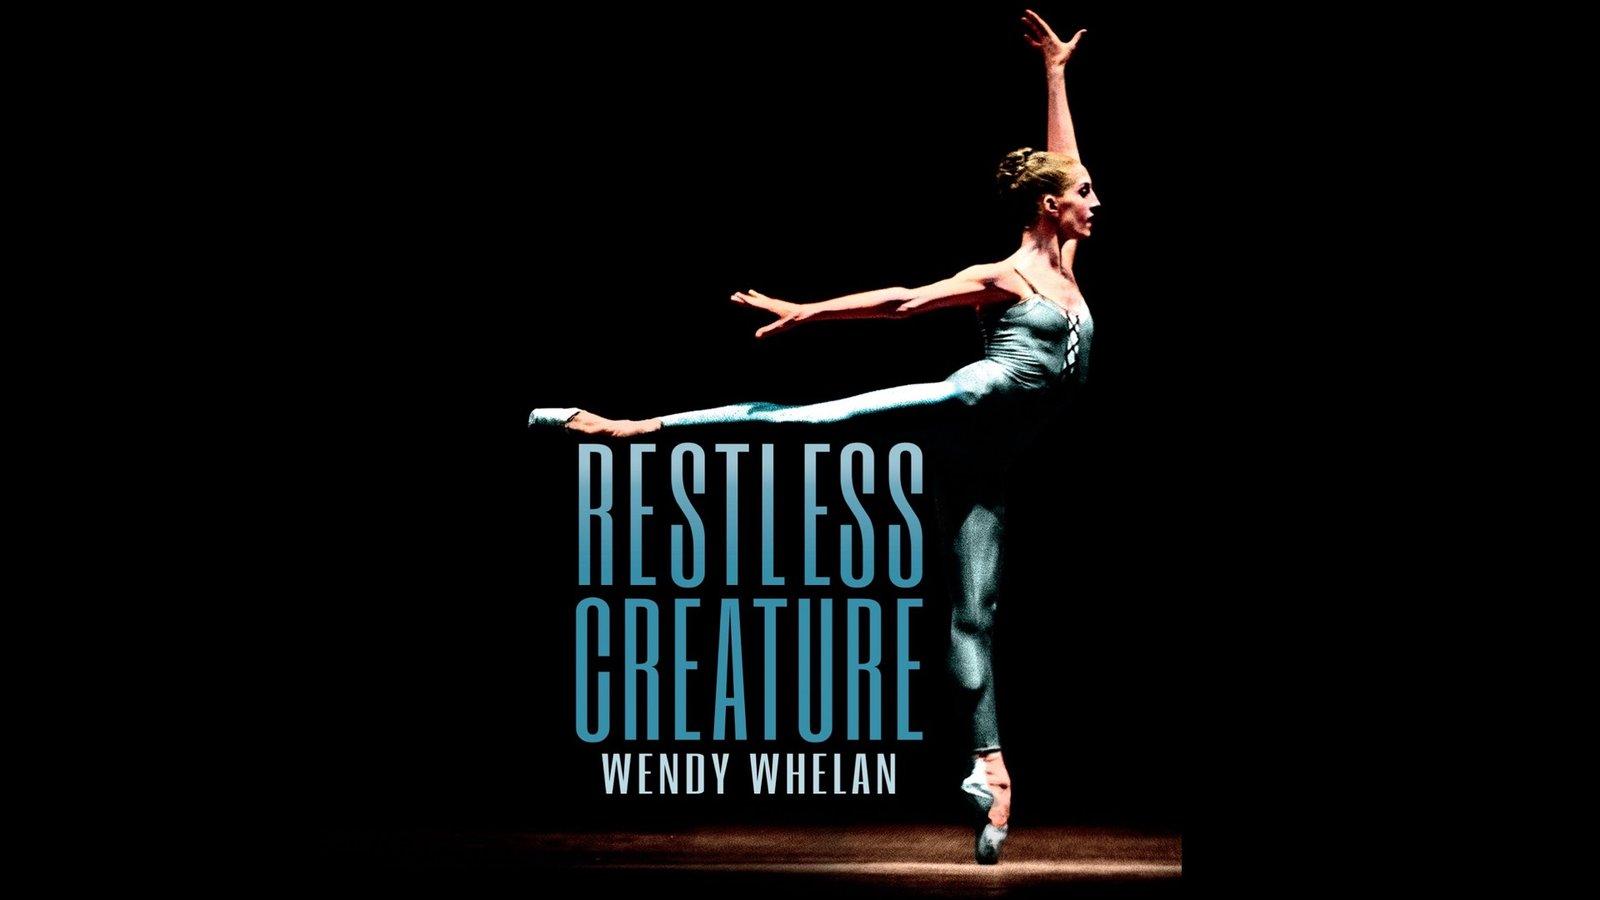 Restless Creature: Wendy Whelan - Portrait of a Prima Ballerina